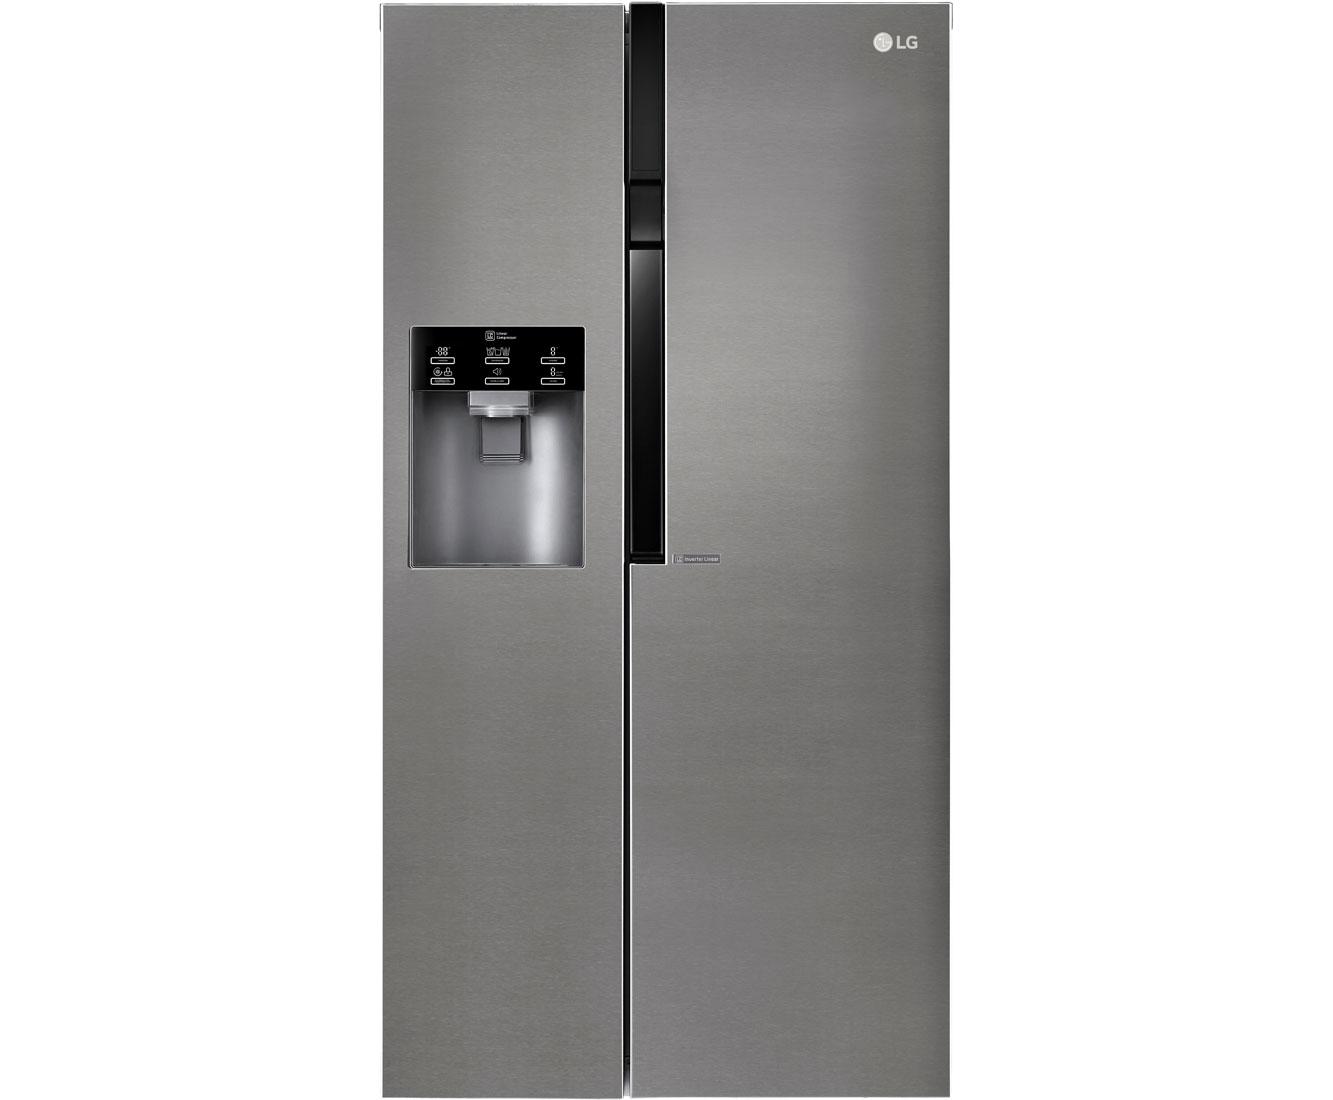 Kühlschrank No Frost Schwarz : Kühlschrank no frost a preisvergleich u die besten angebote online